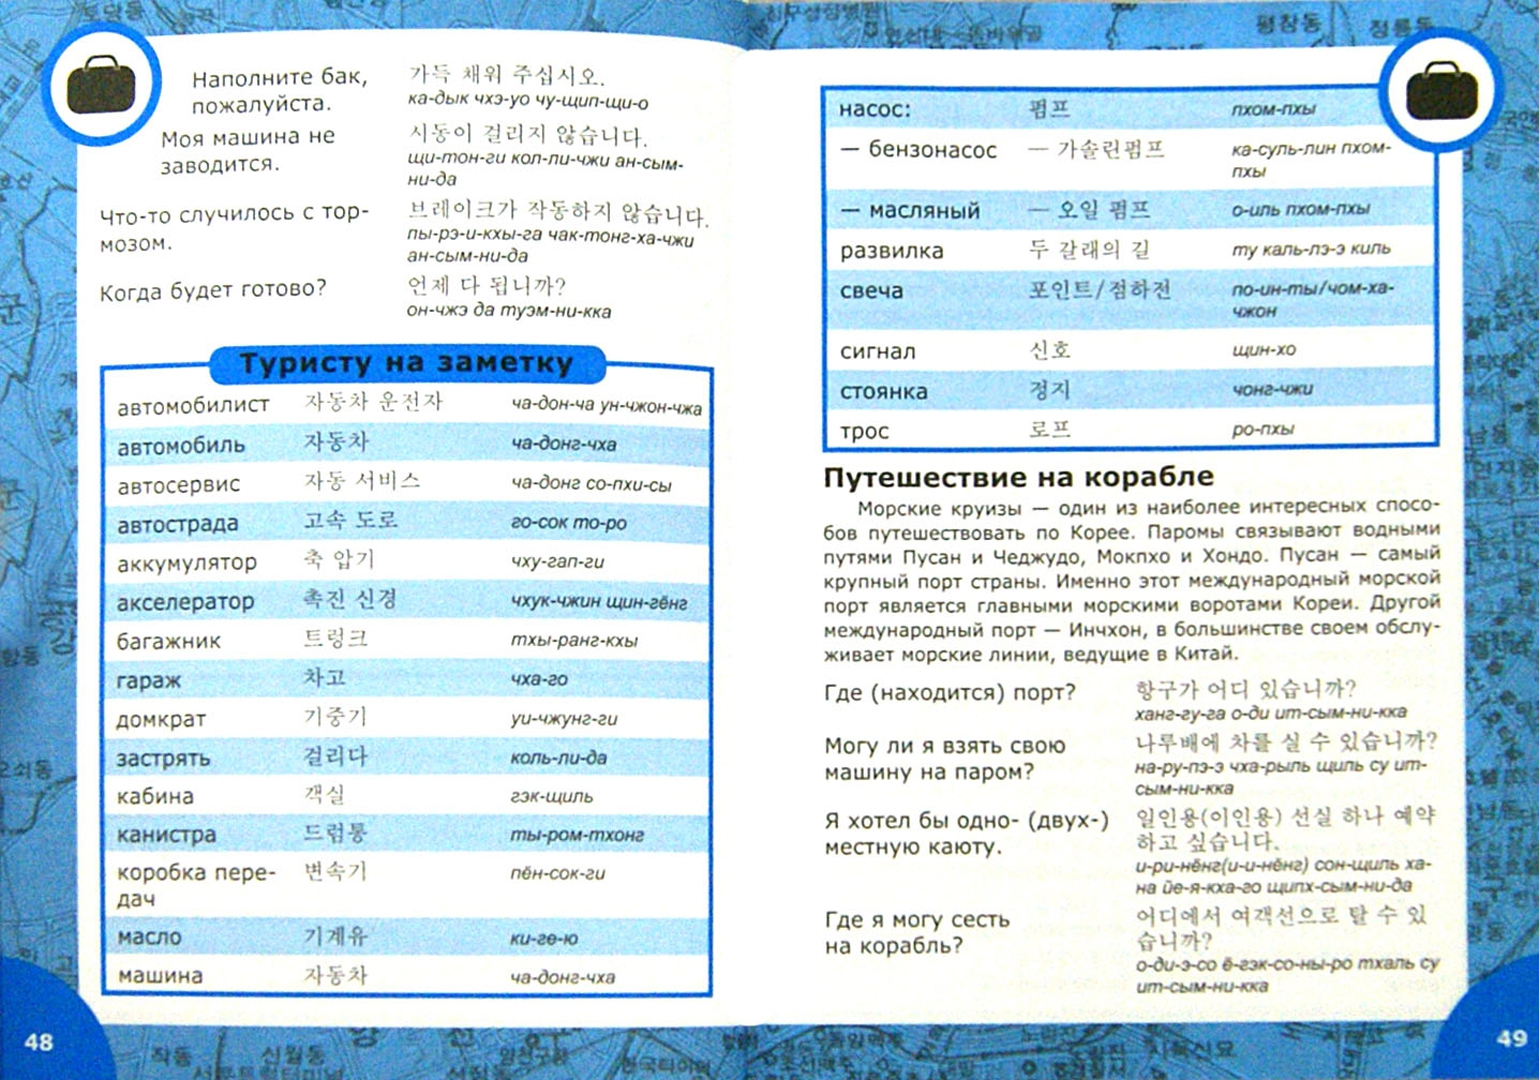 Иллюстрация 1 из 6 для Универсальный русско-корейский разговорник - Тортика, Хомайко   Лабиринт - книги. Источник: Лабиринт